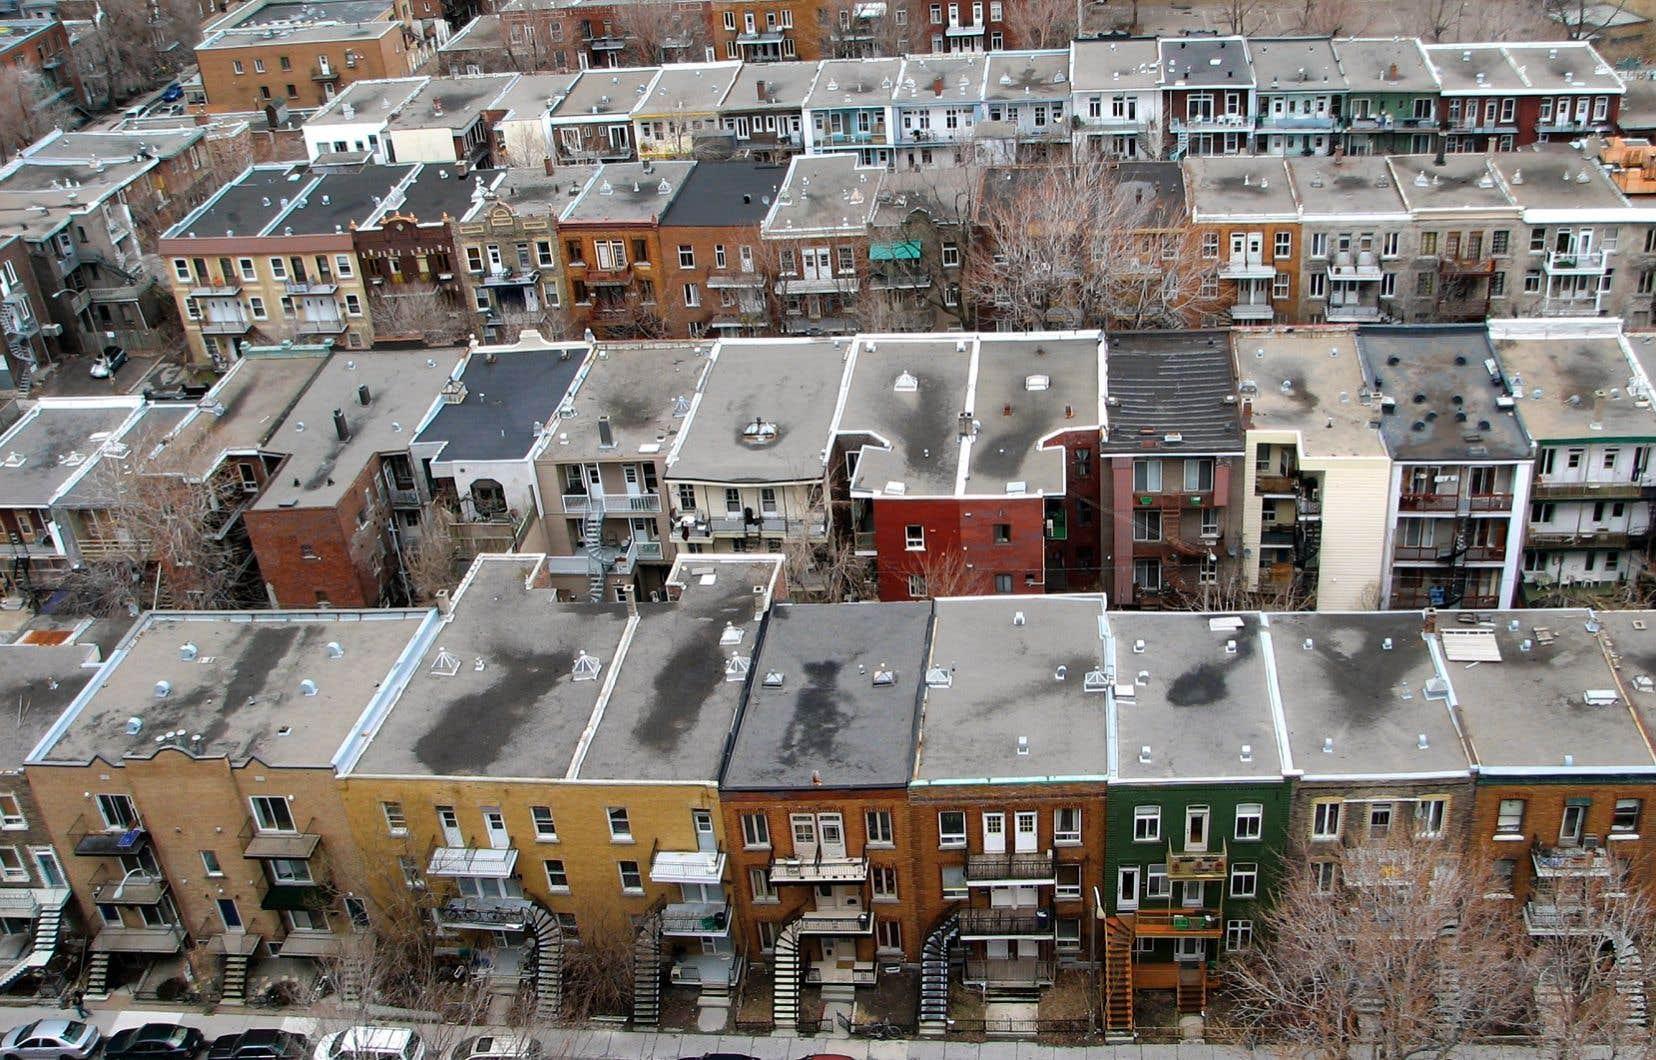 Pour l'ensemble de l'année, les ventes de maisons unifamiliales ont augmenté de 7% et le prix médian de 6%, tandis que les ventes de copropriétés ont augmenté de 14%, et leurs prix, de 5%.